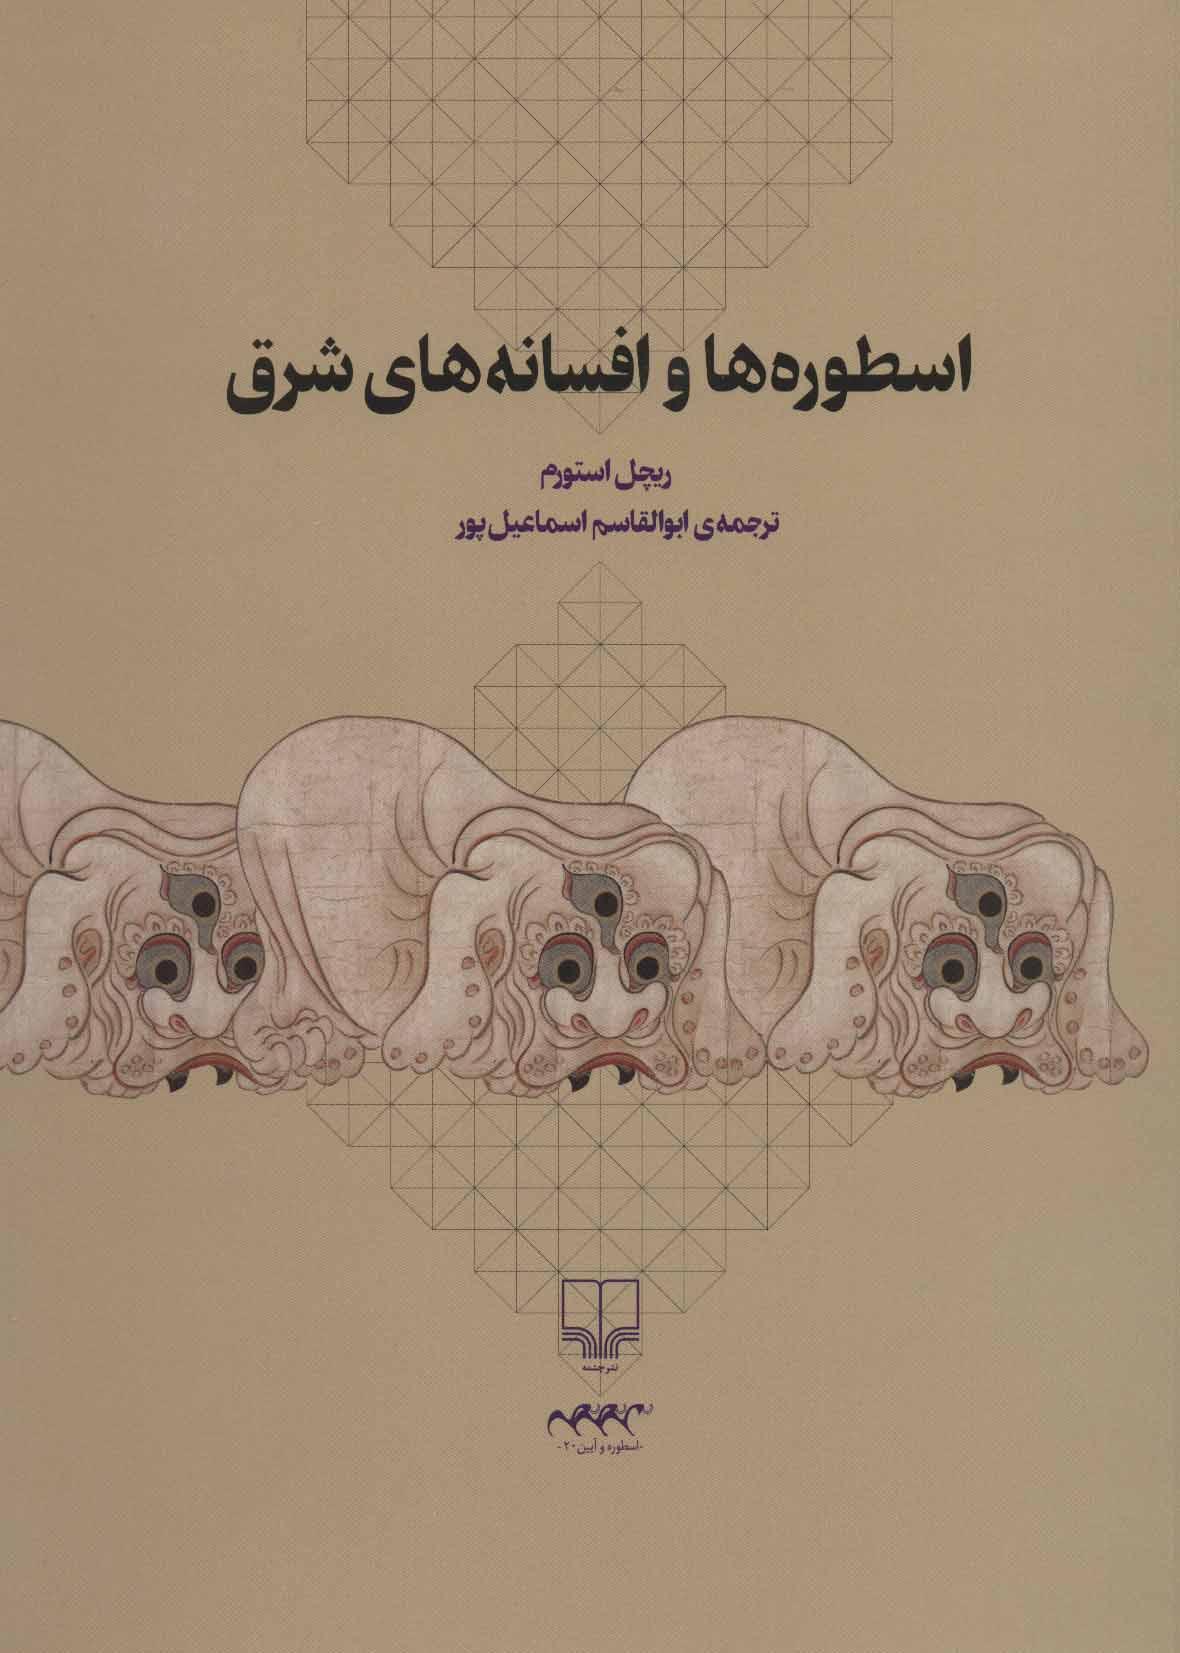 کتاب اسطورهها و افسانههای شرق